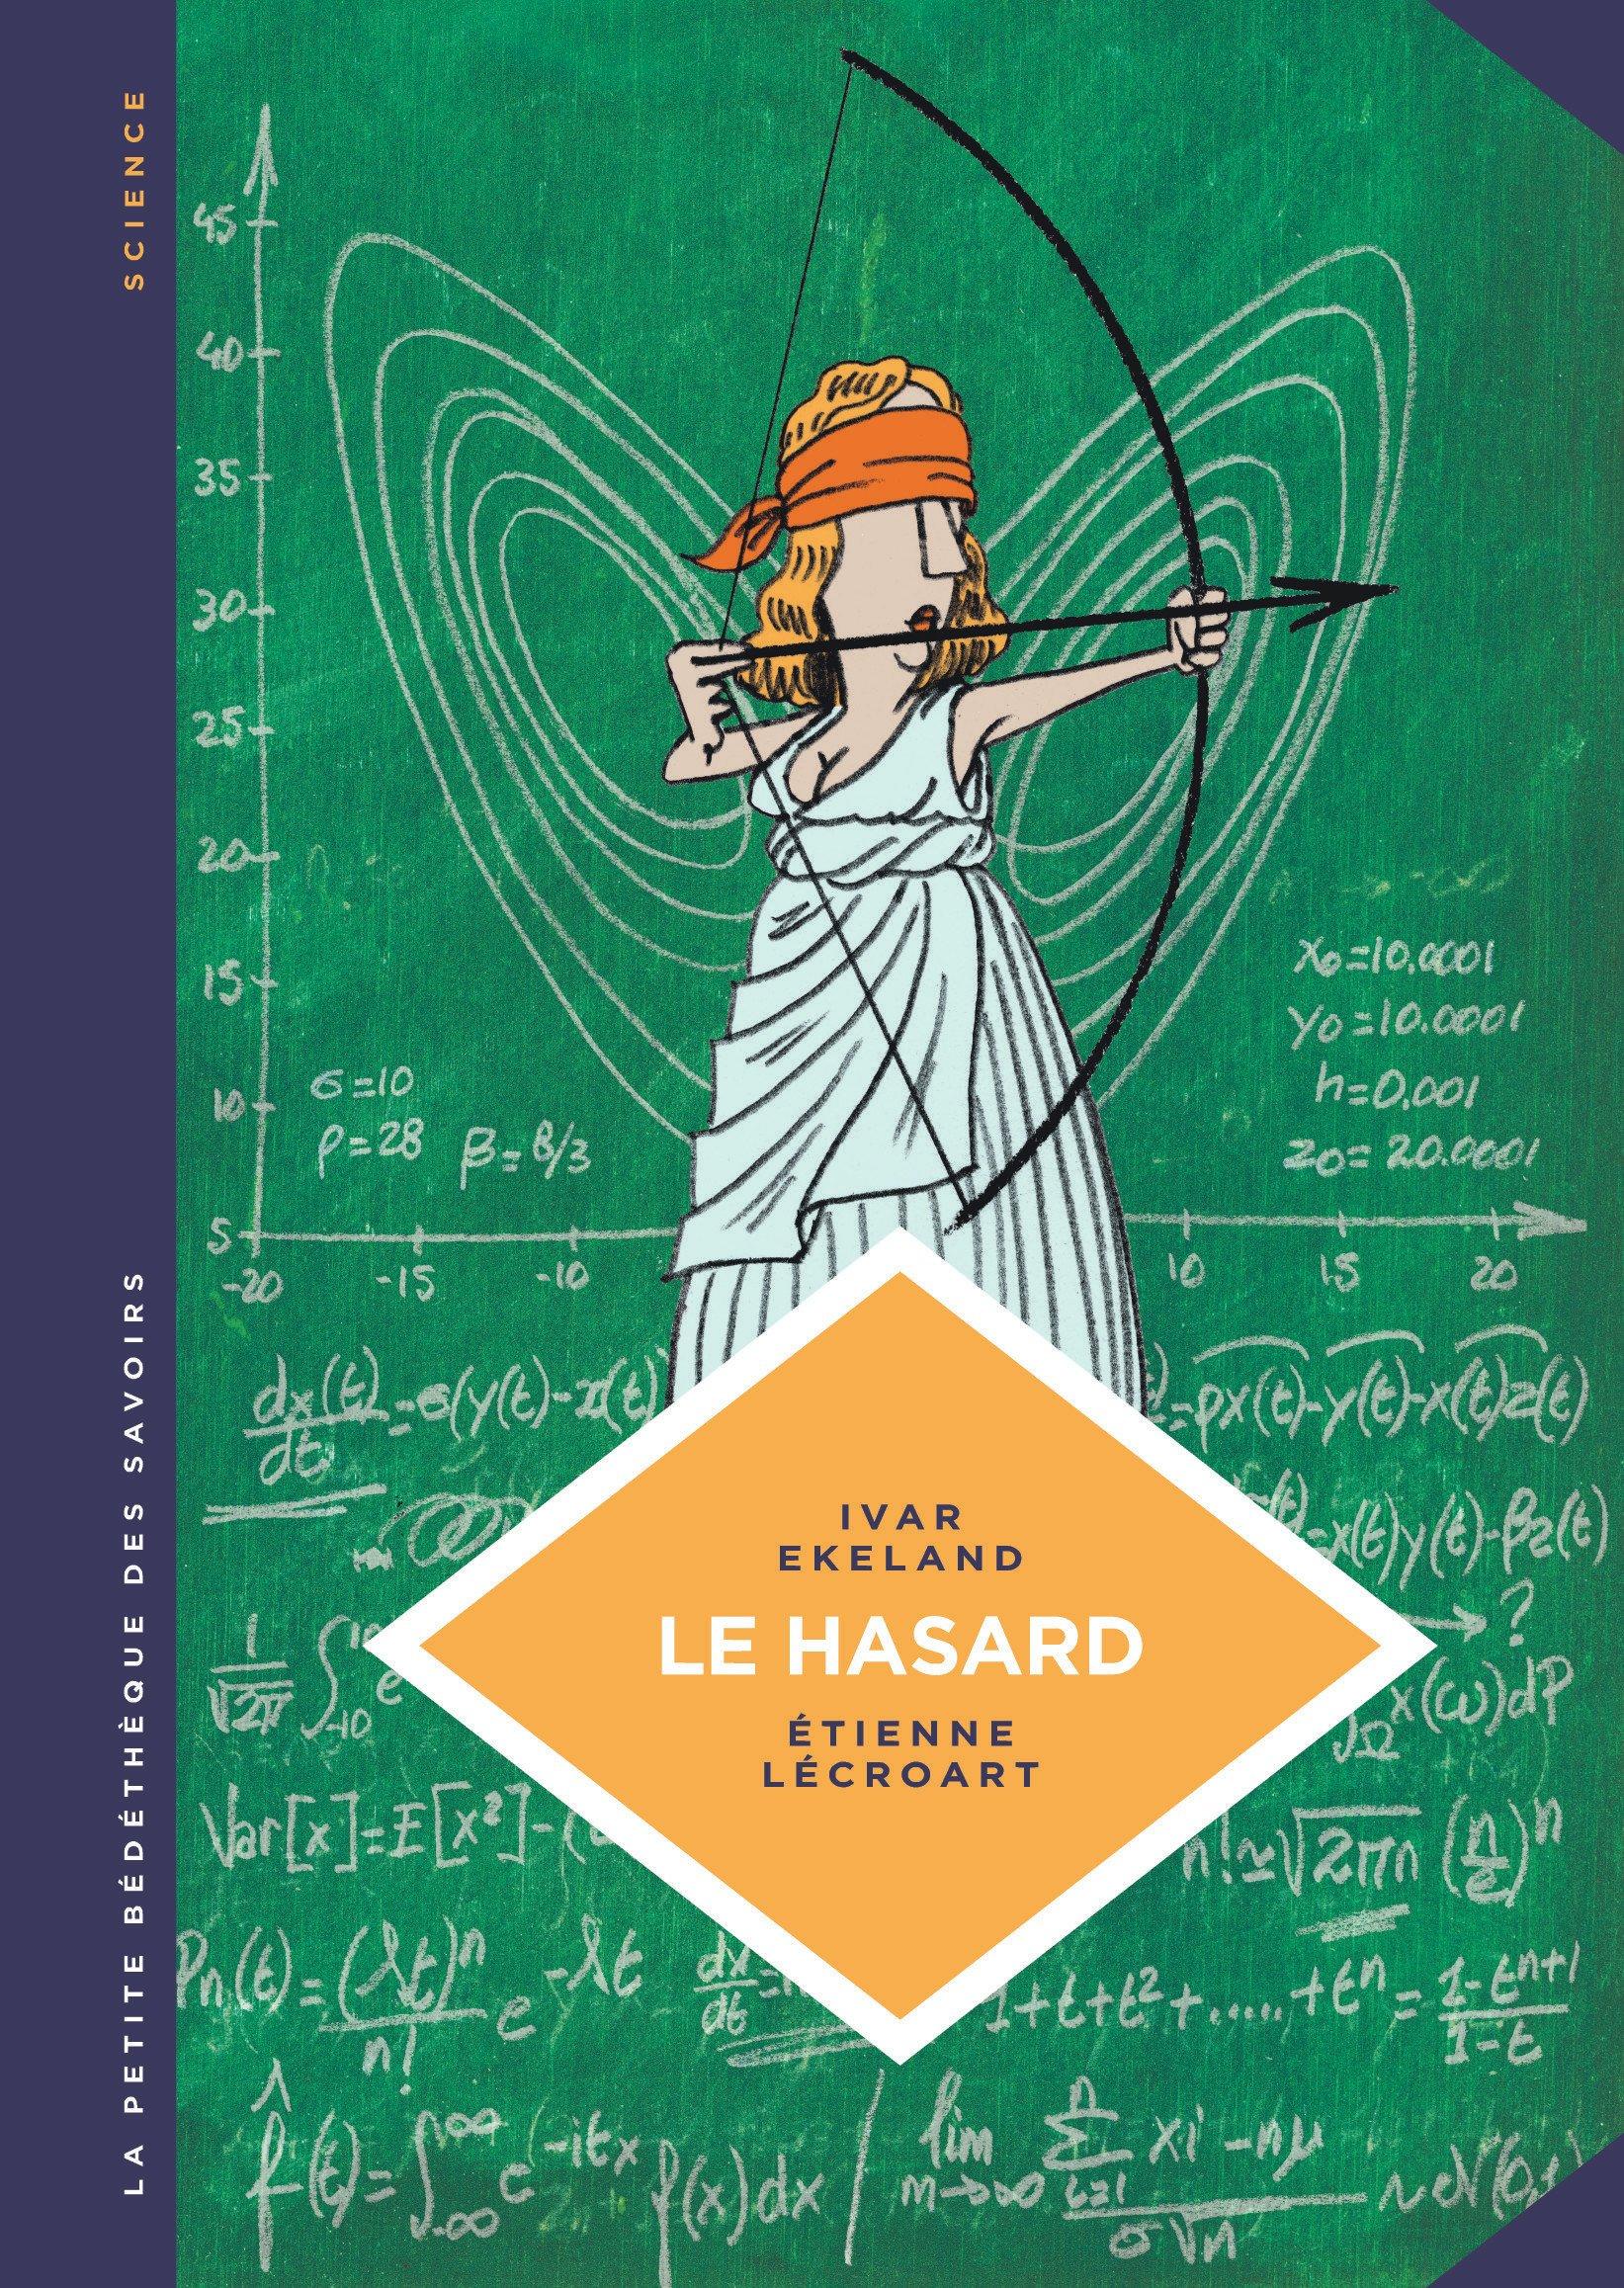 Le hasard : Une approche mathématique: Amazon.de: Ivar Ekeland, Etienne  Lécroart: Fremdsprachige Bücher